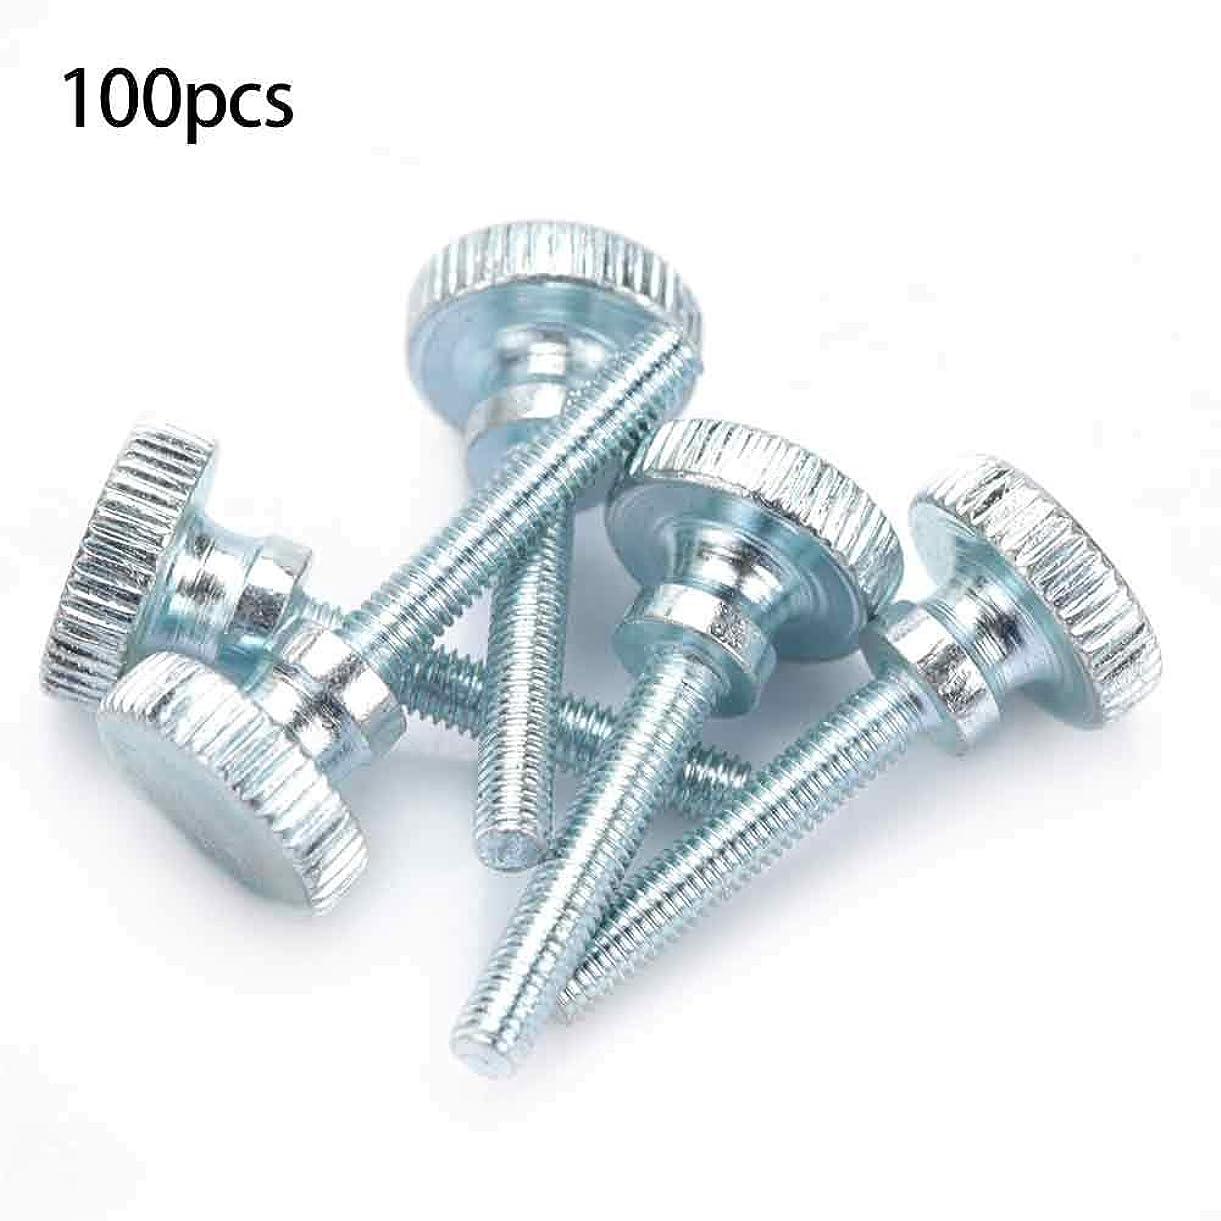 標高活気づけるライオネルグリーンストリート100個ローレット頭ネジ、亜鉛メッキ炭素鋼調節可能な二重層ハンドルステップと蝶ネジ(M3×20(100個))